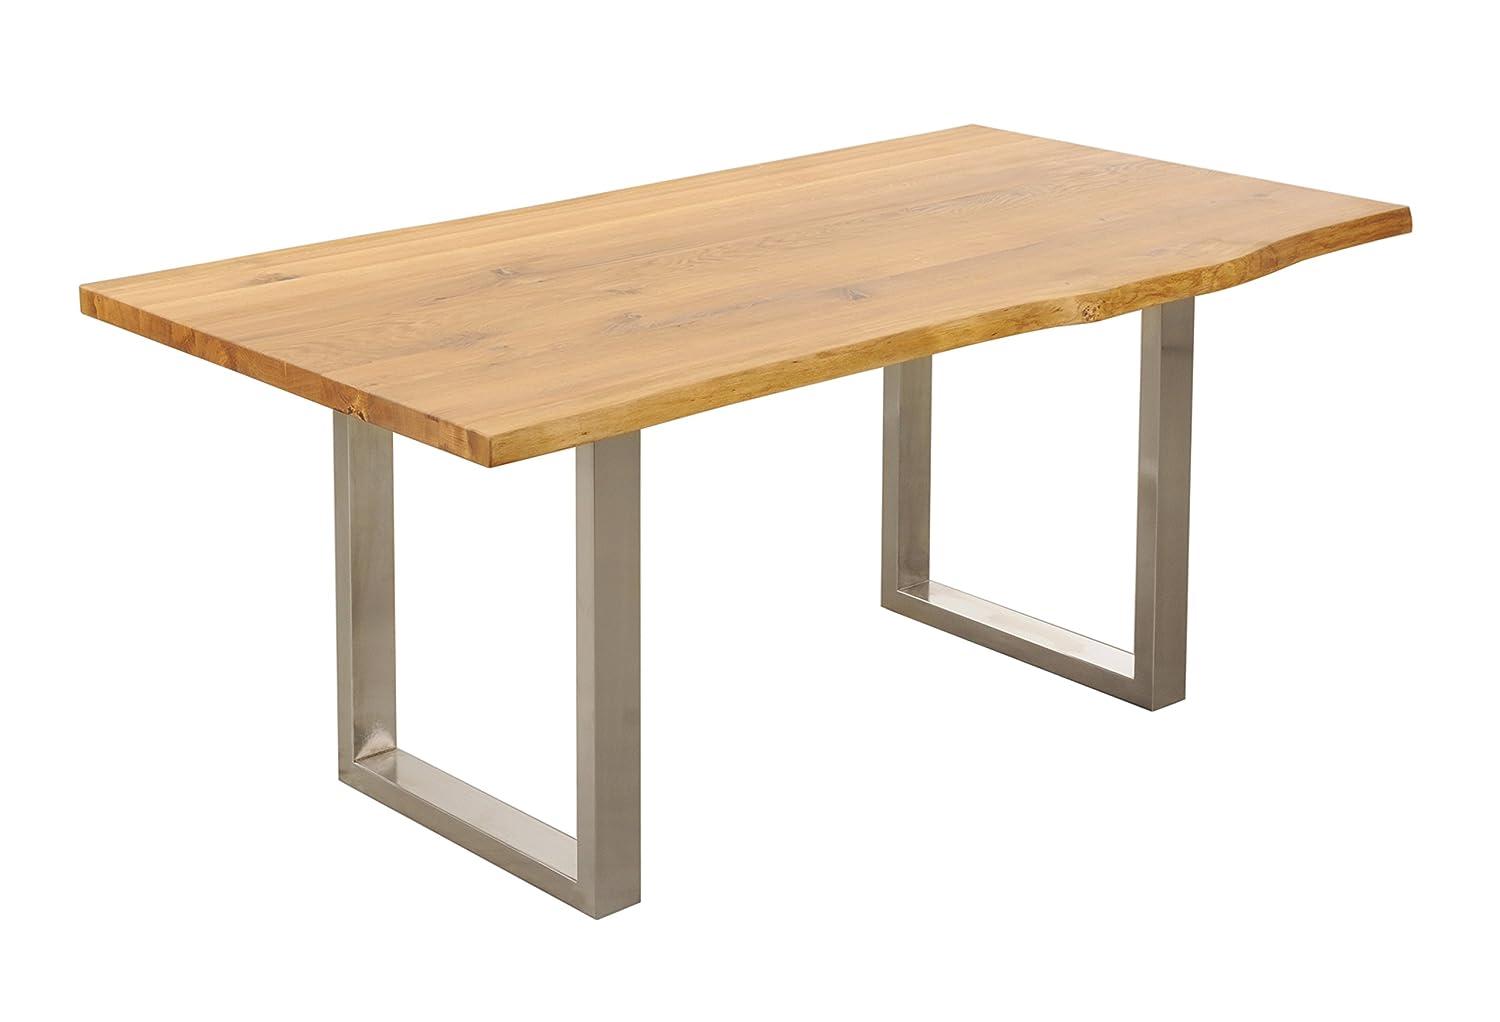 Tisch mit Baumkante Baumtisch 220x100 'Amber II' Wildeiche massiv Holz geölt